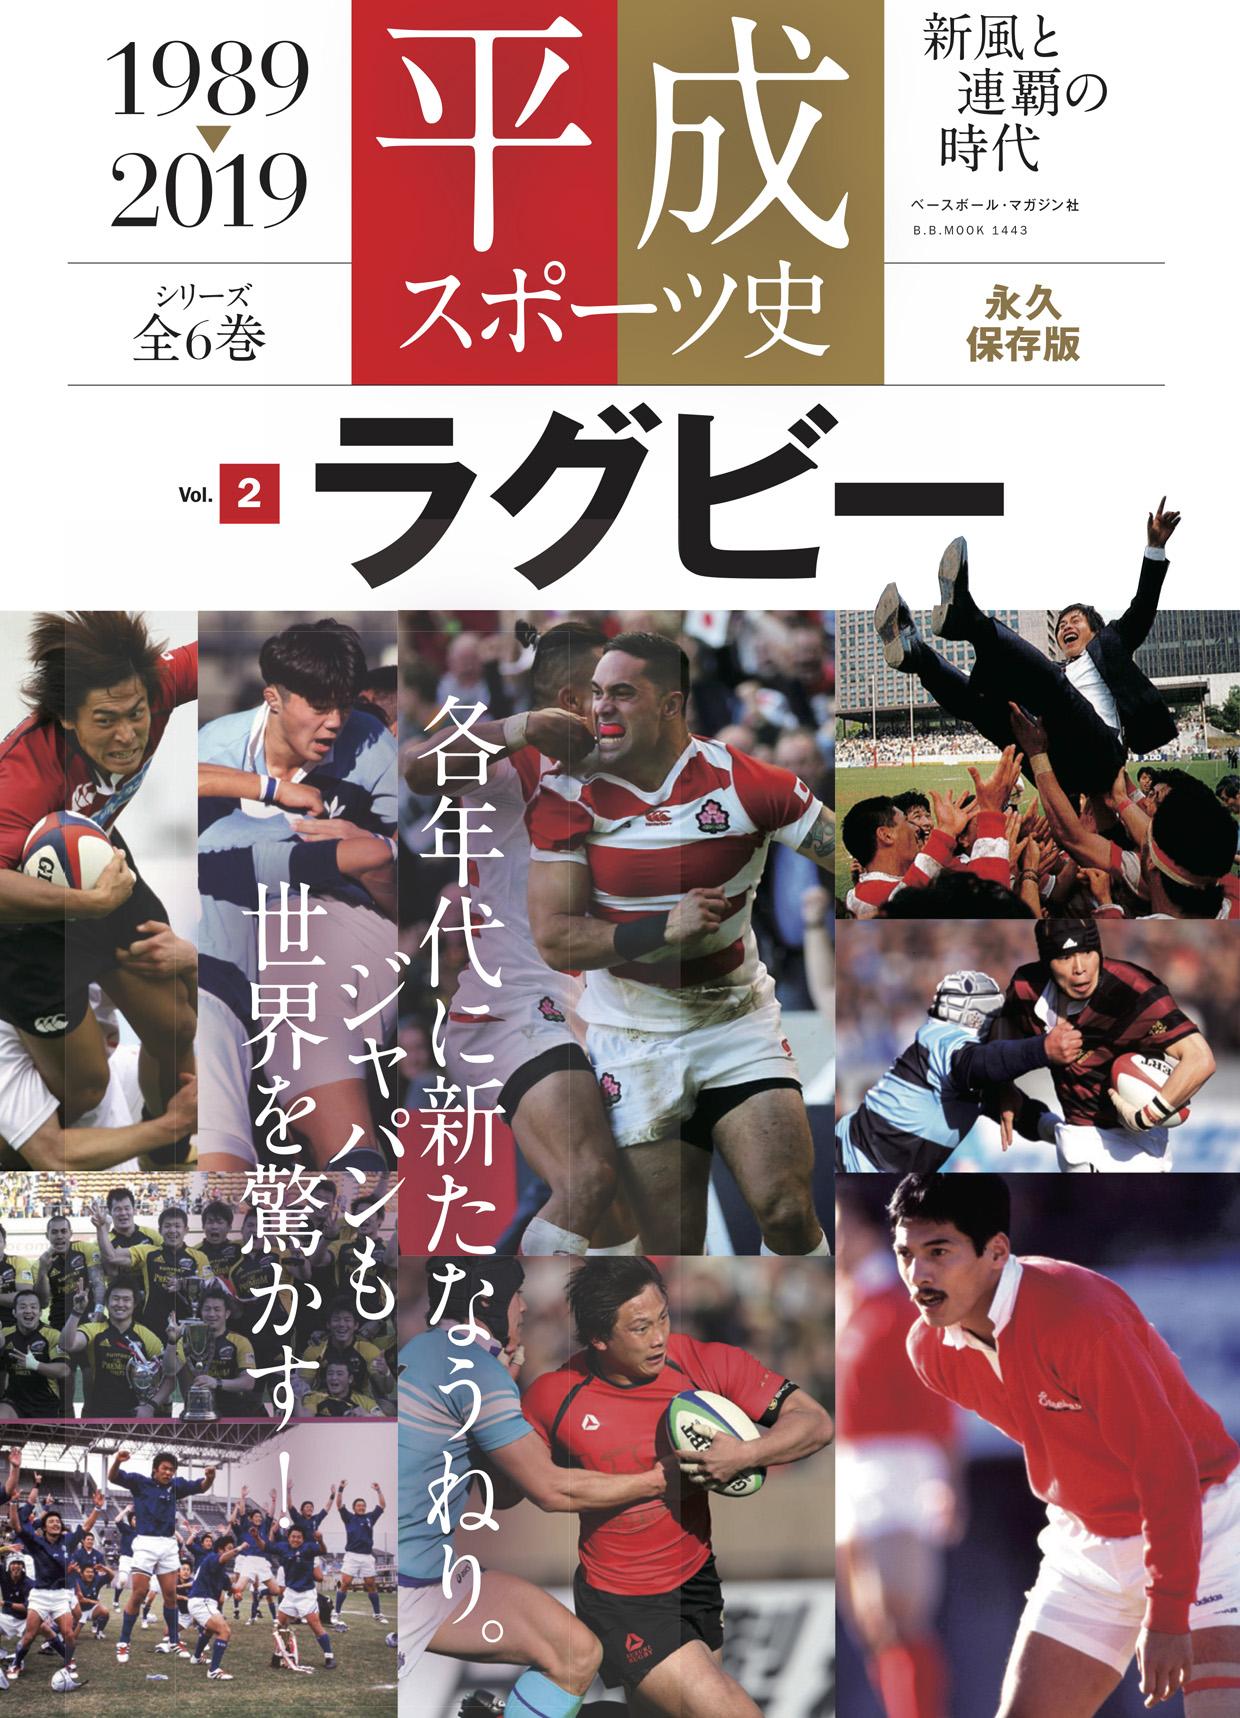 平成スポーツ史 Vol.2 ラグビー